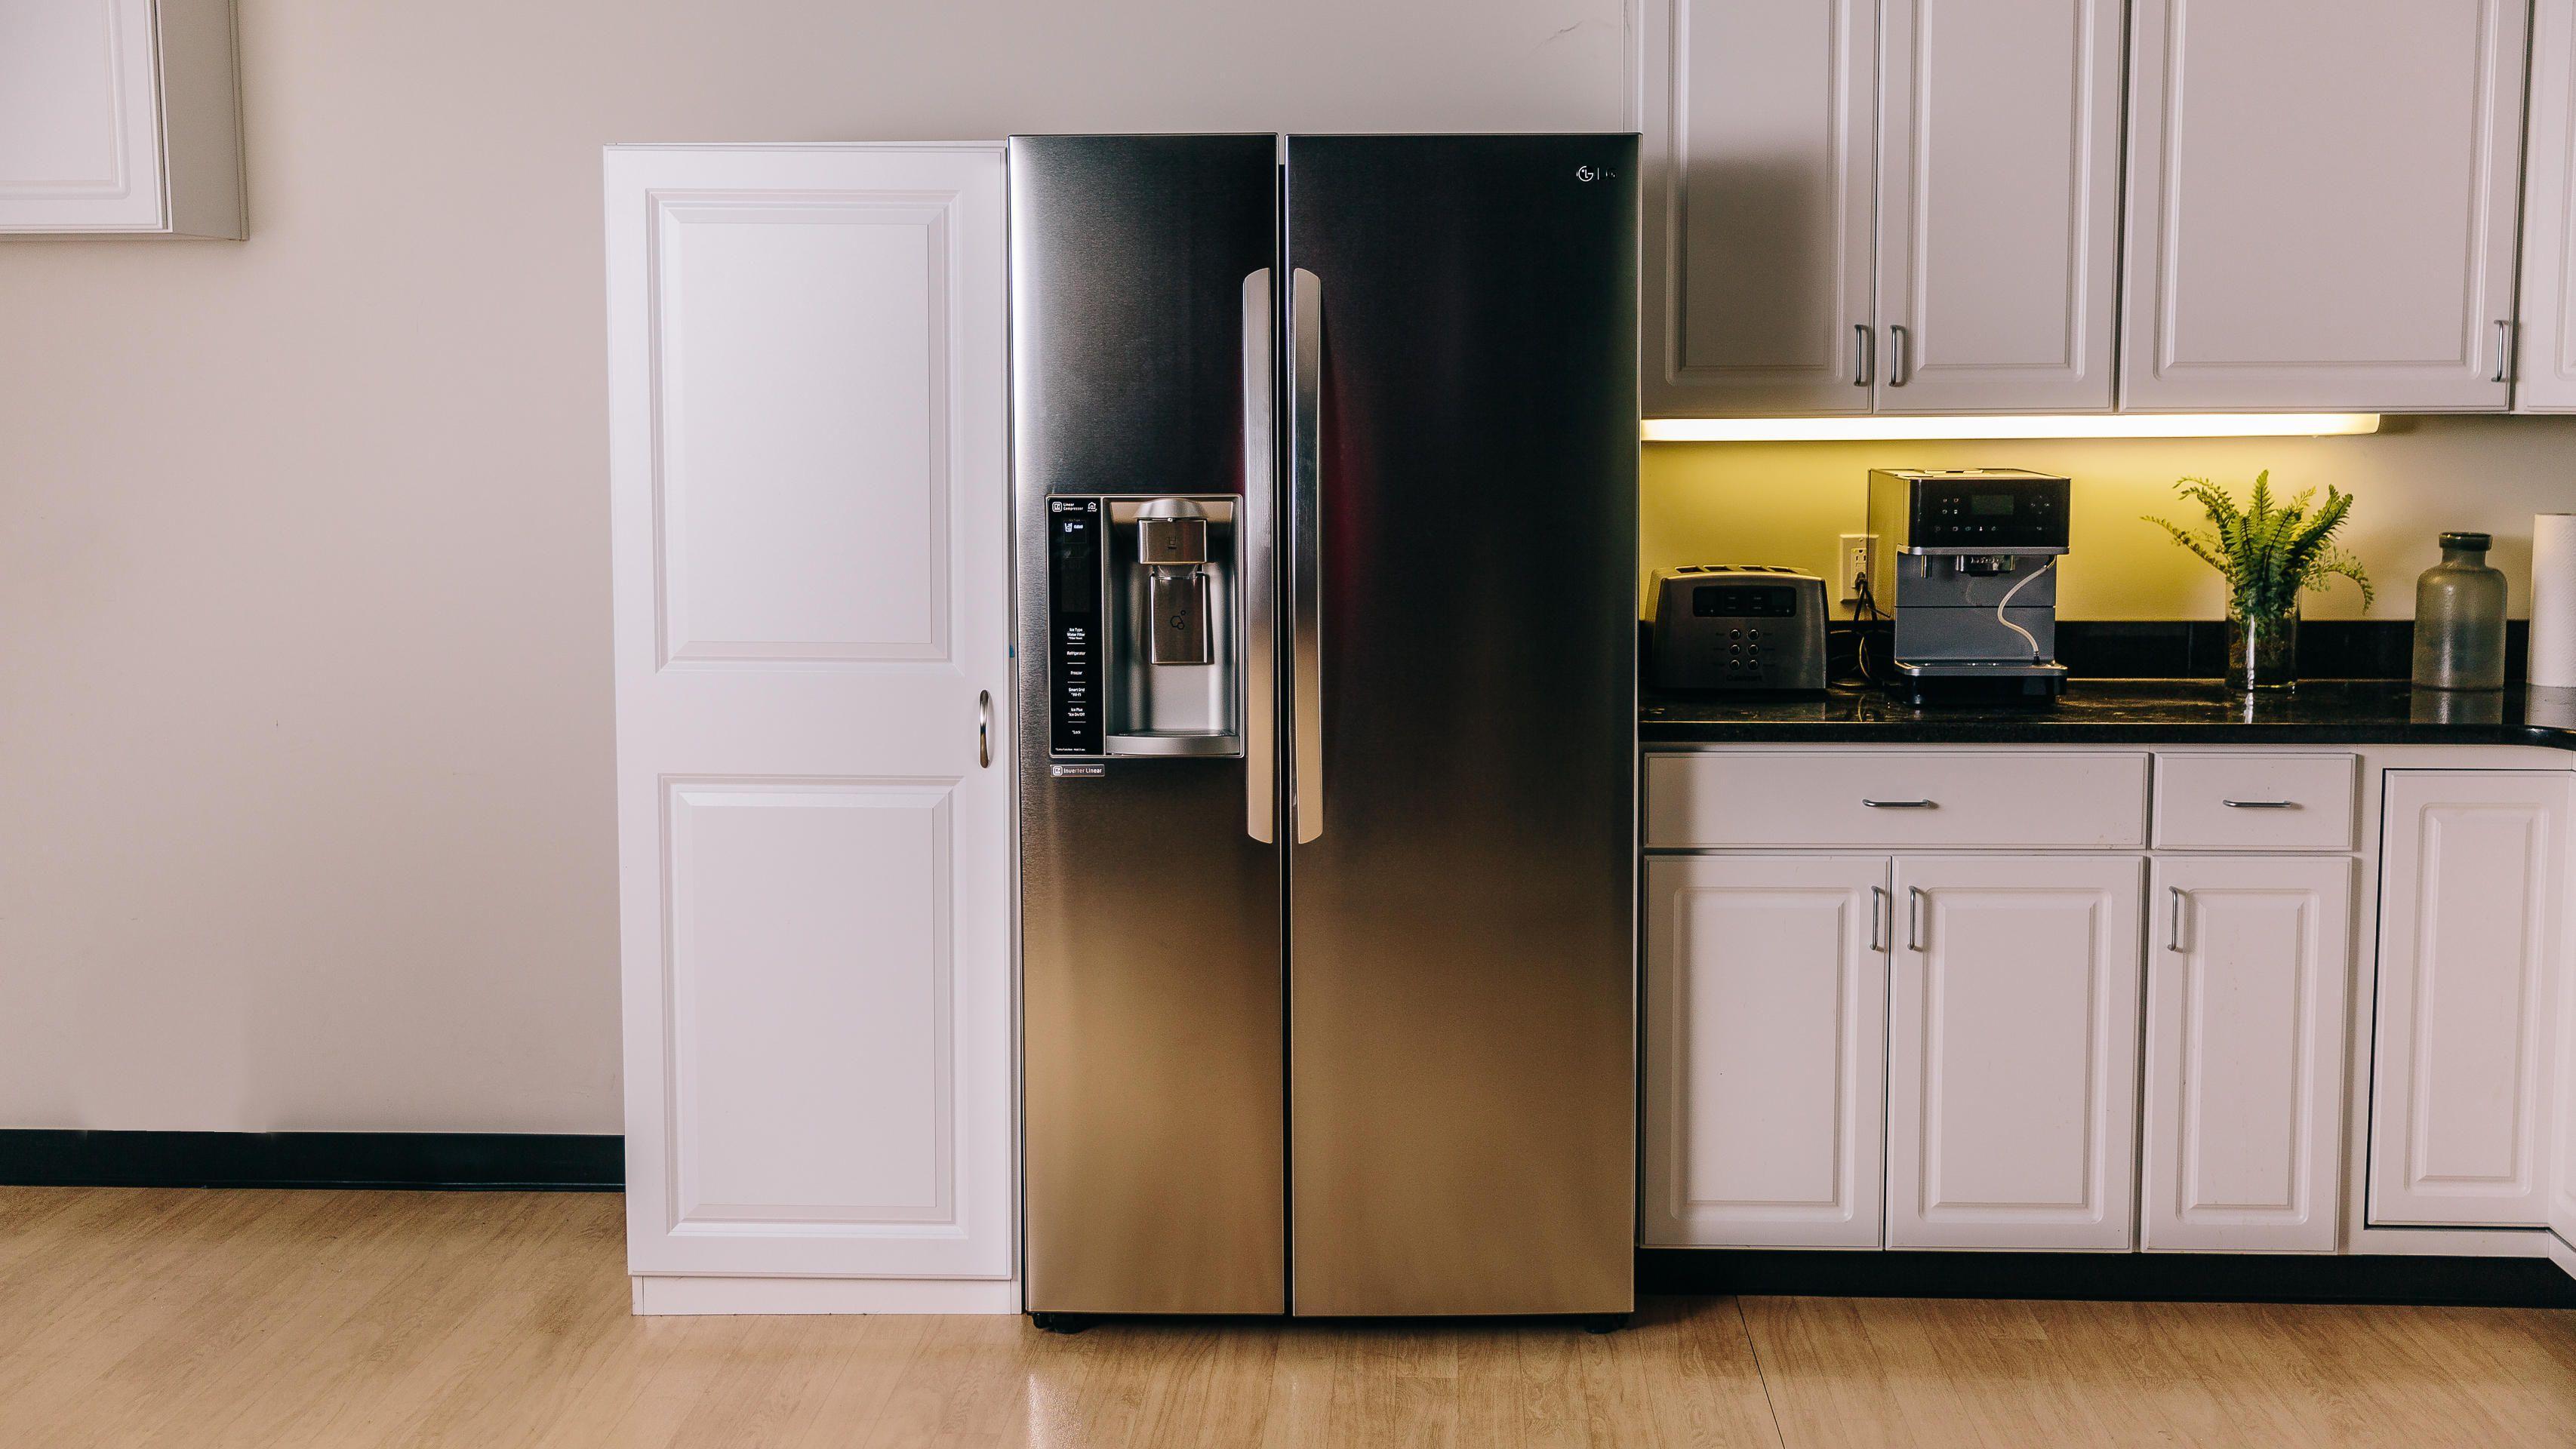 Tủ lạnh LG GR-X247JS tôn lên vẻ sang trọng, hiện đại cho gian bếp nhà bạn